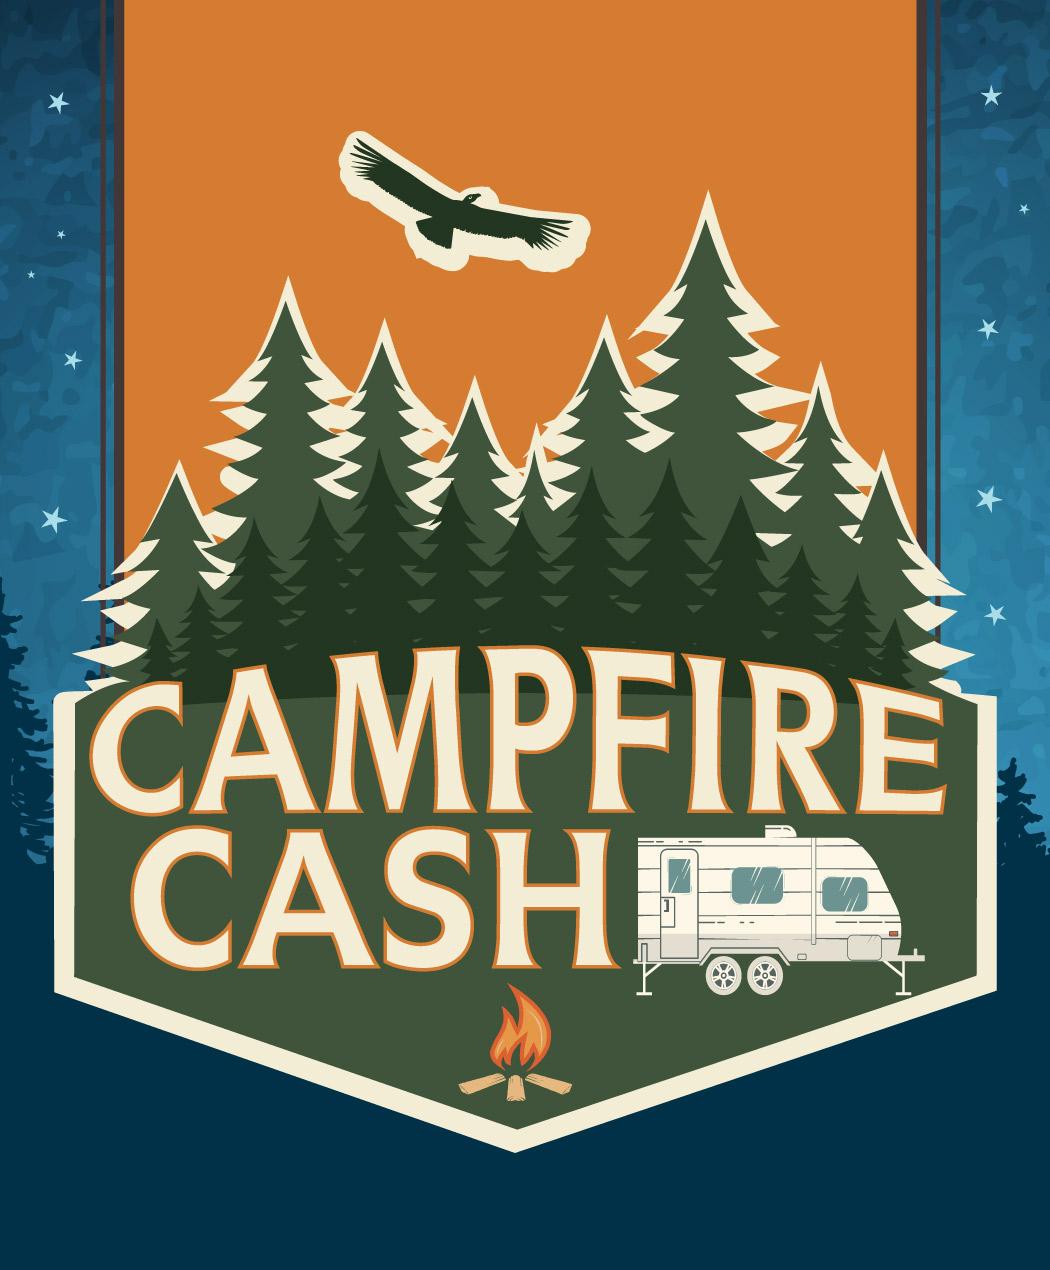 Campfire Cash